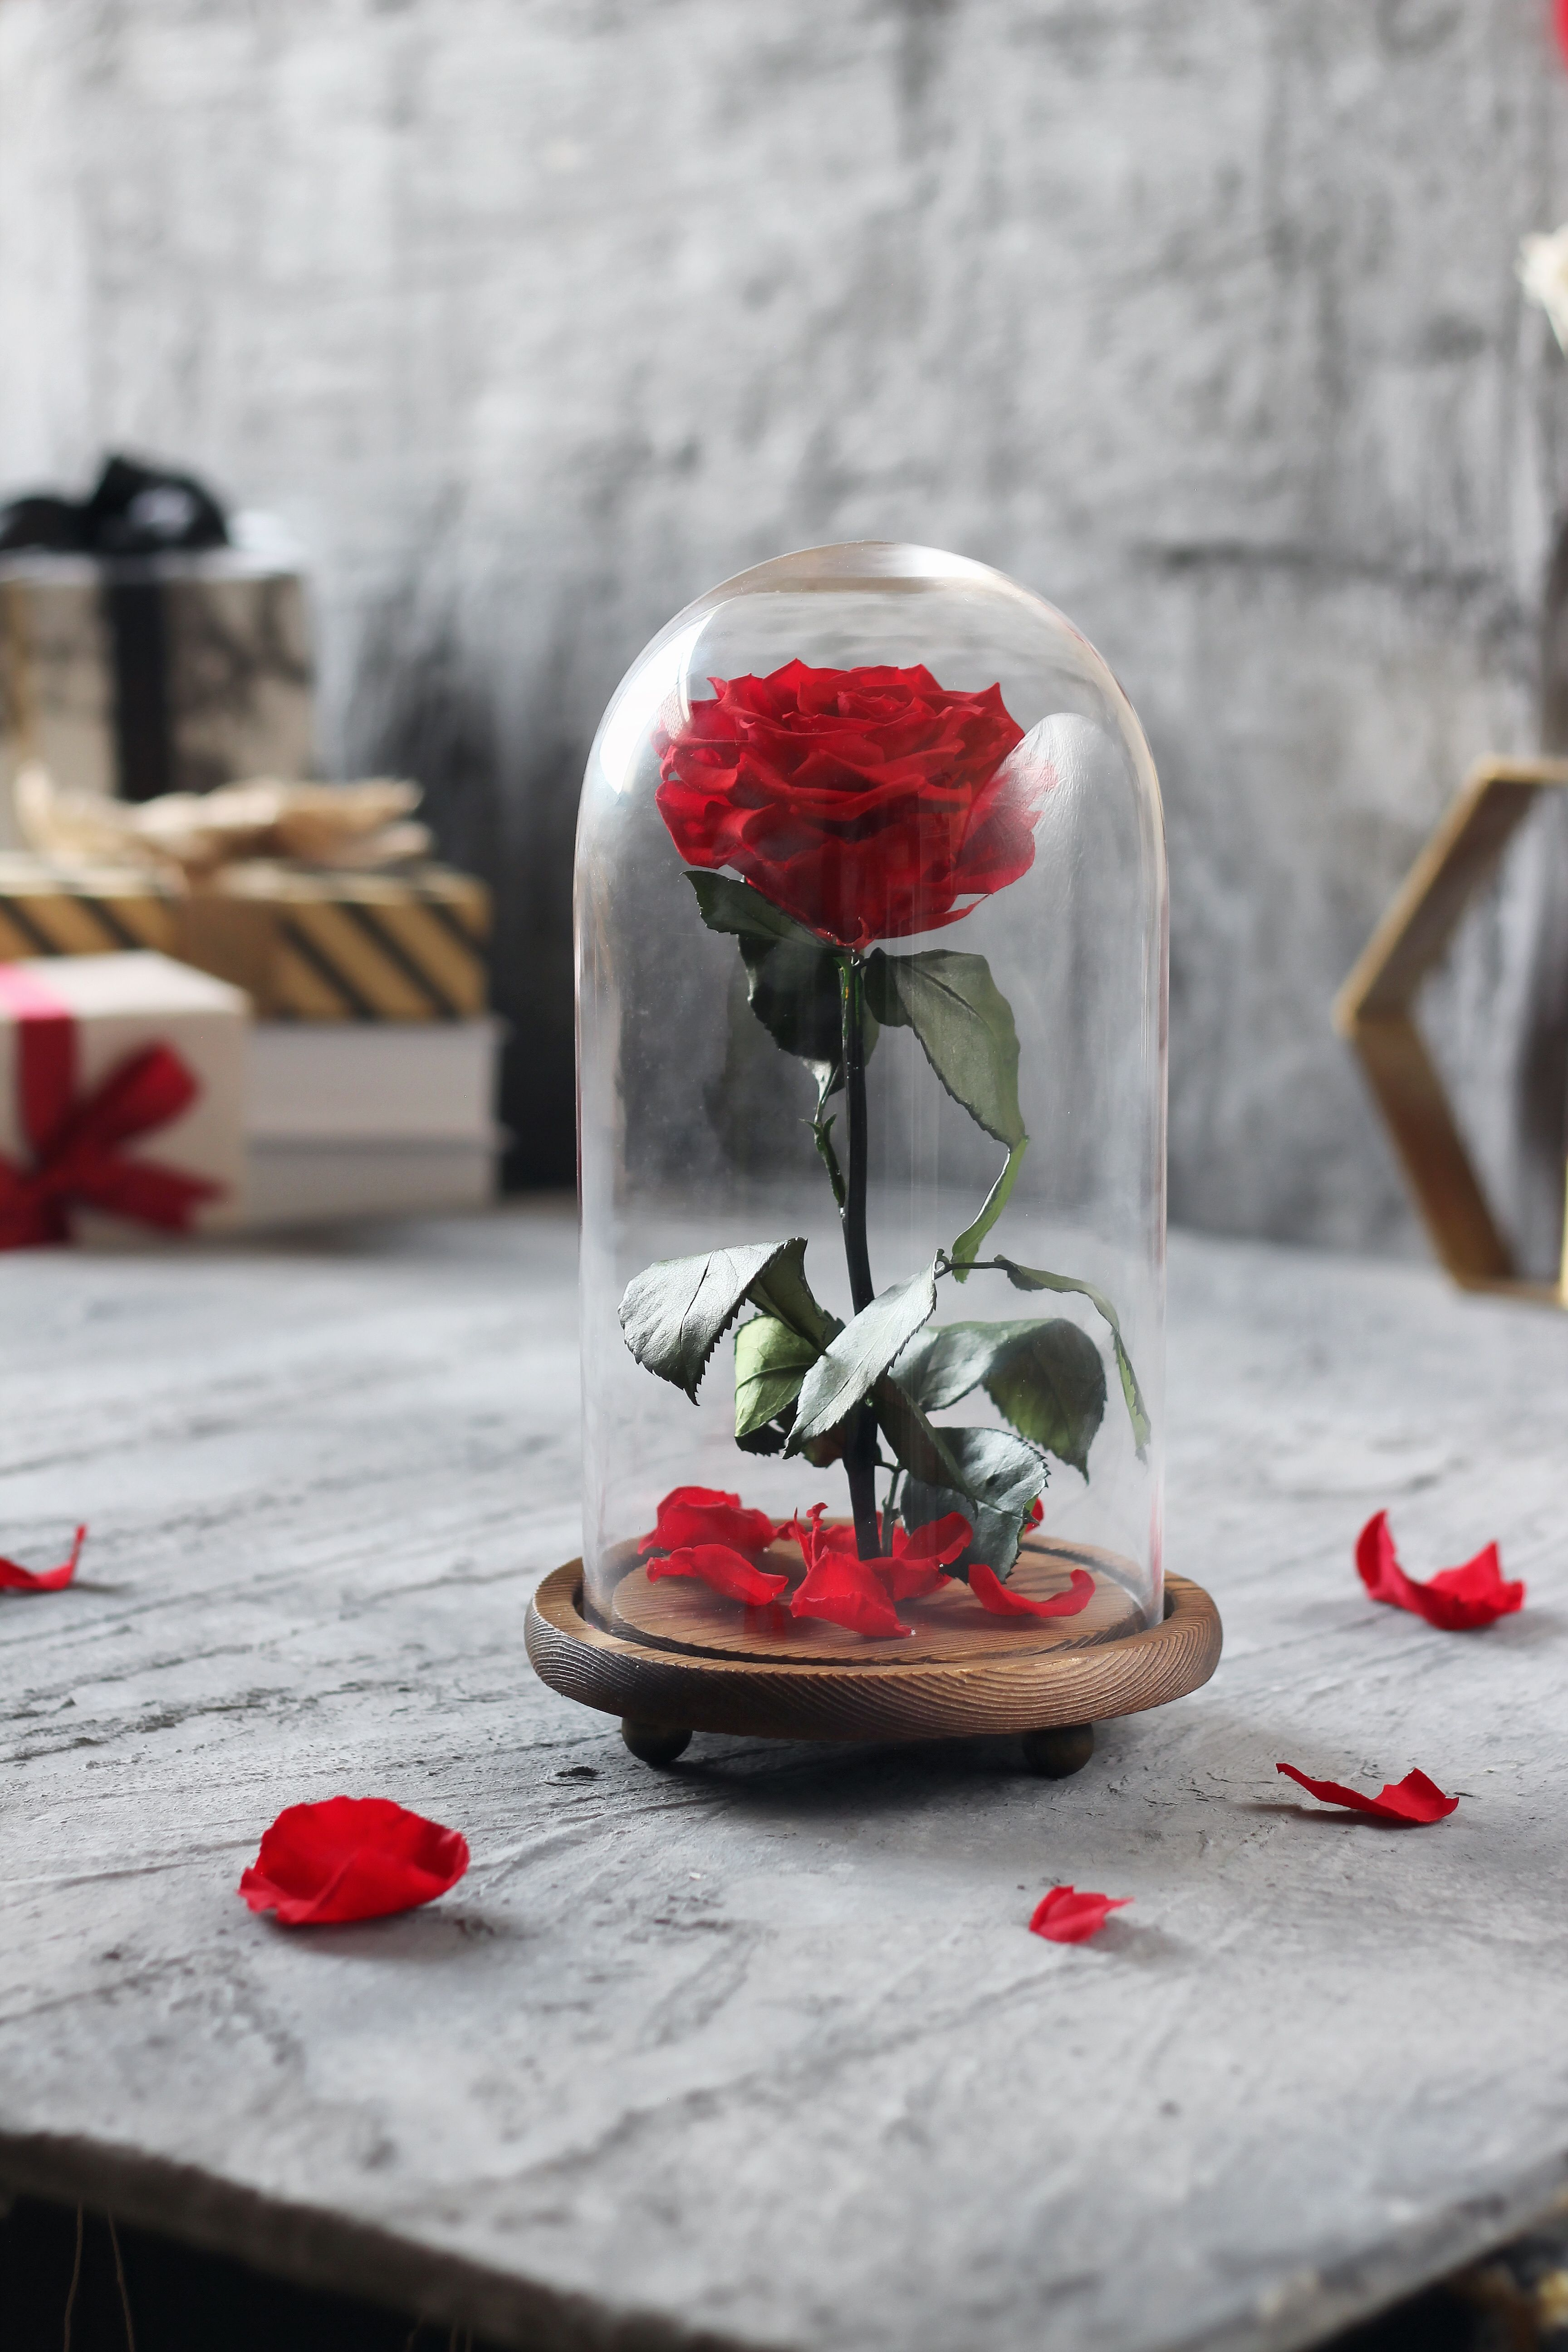 وردة ايلوبا روز احمر داخل فازة زجاجية Table Decorations Decor Home Decor